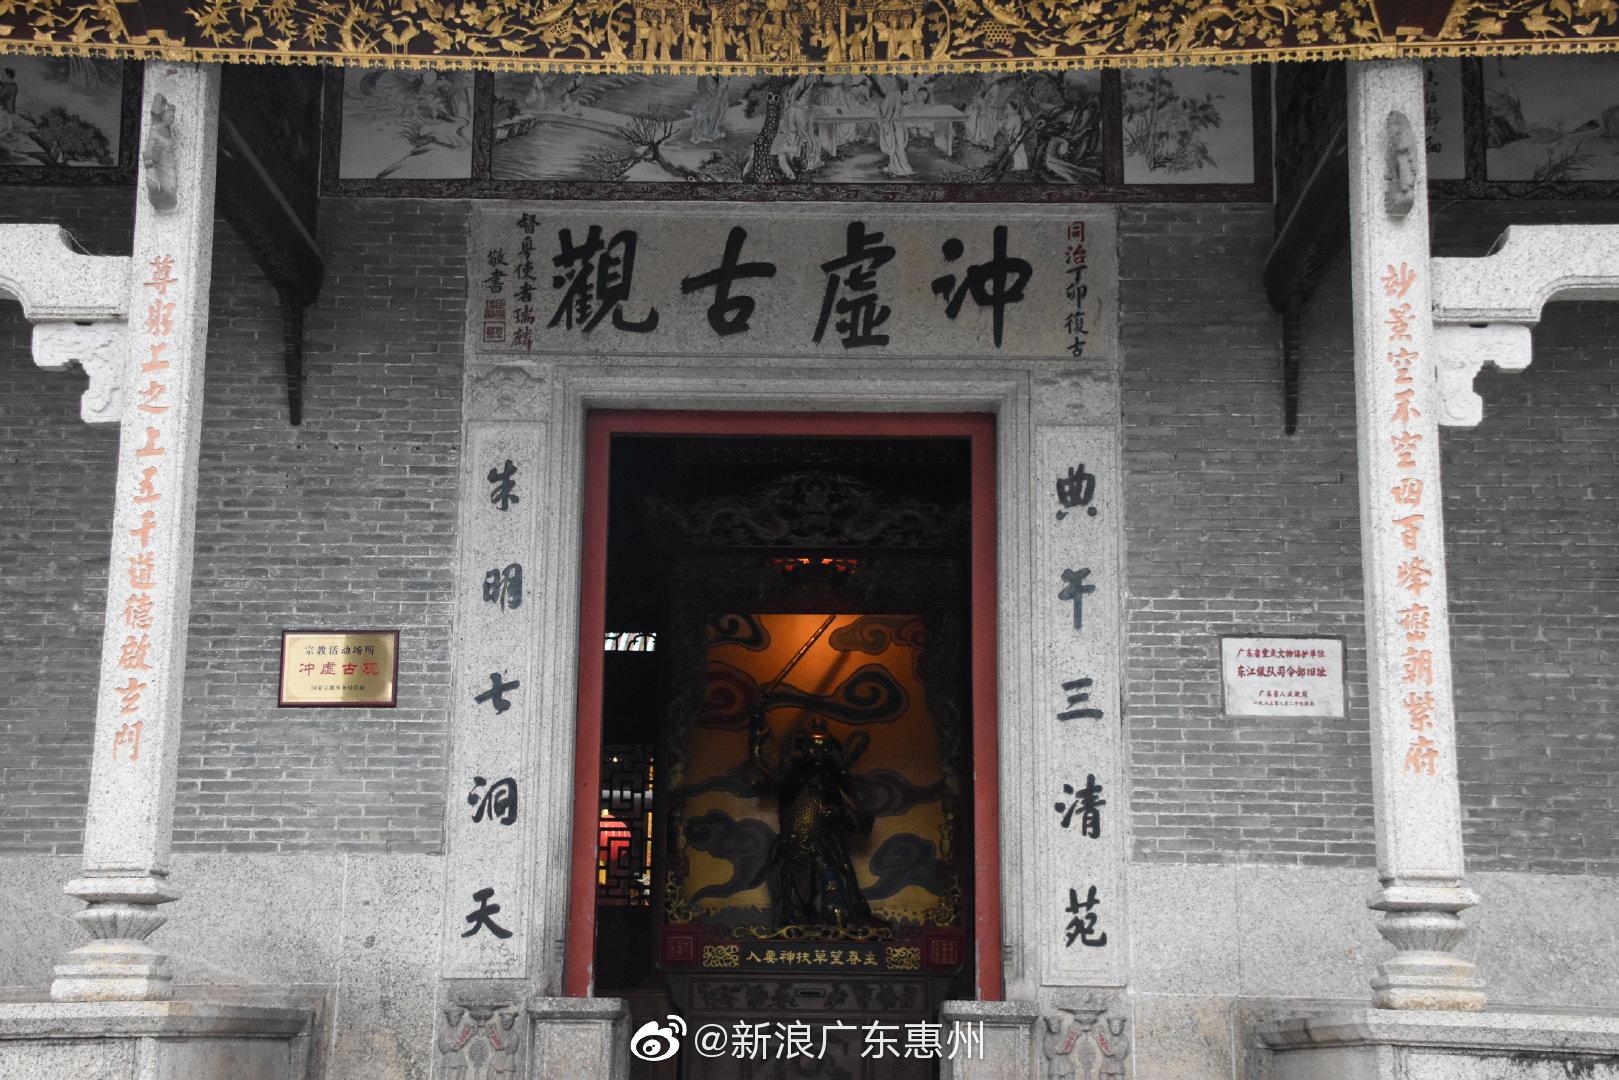 历史性突破!惠州新增2处全国重点文物保护单位